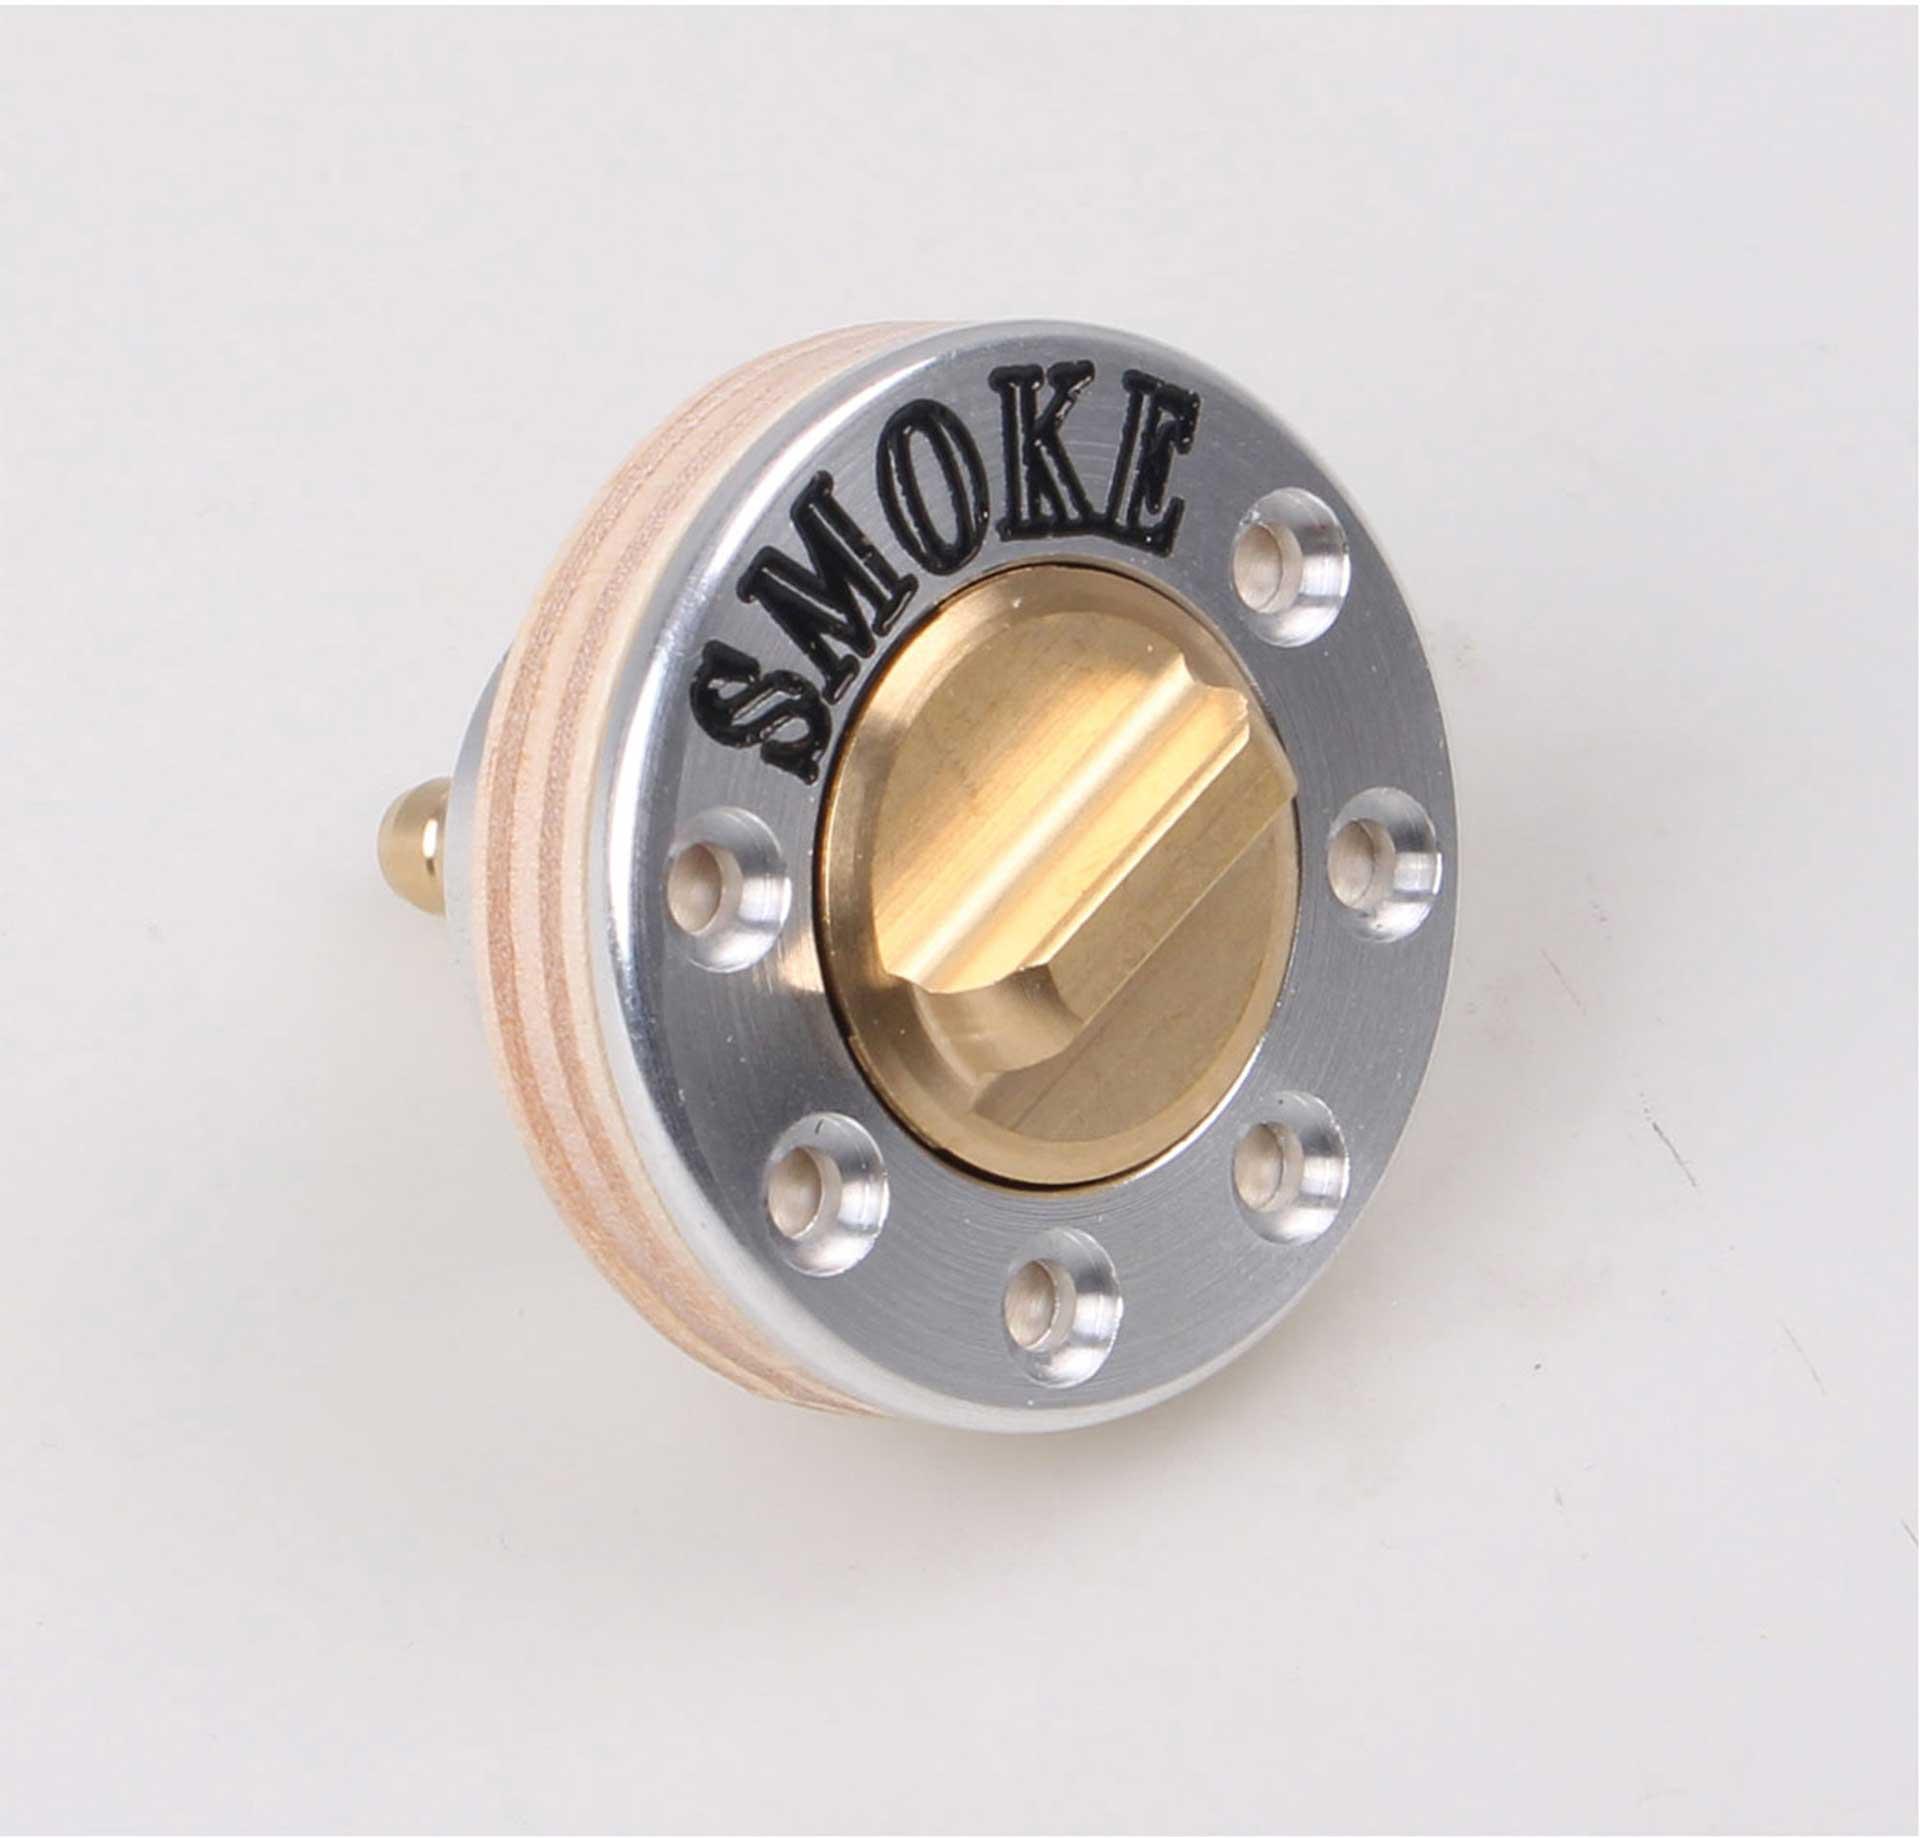 """E-R MODELLBAU TANK VALVE SPECIAL """"SMOKE"""""""